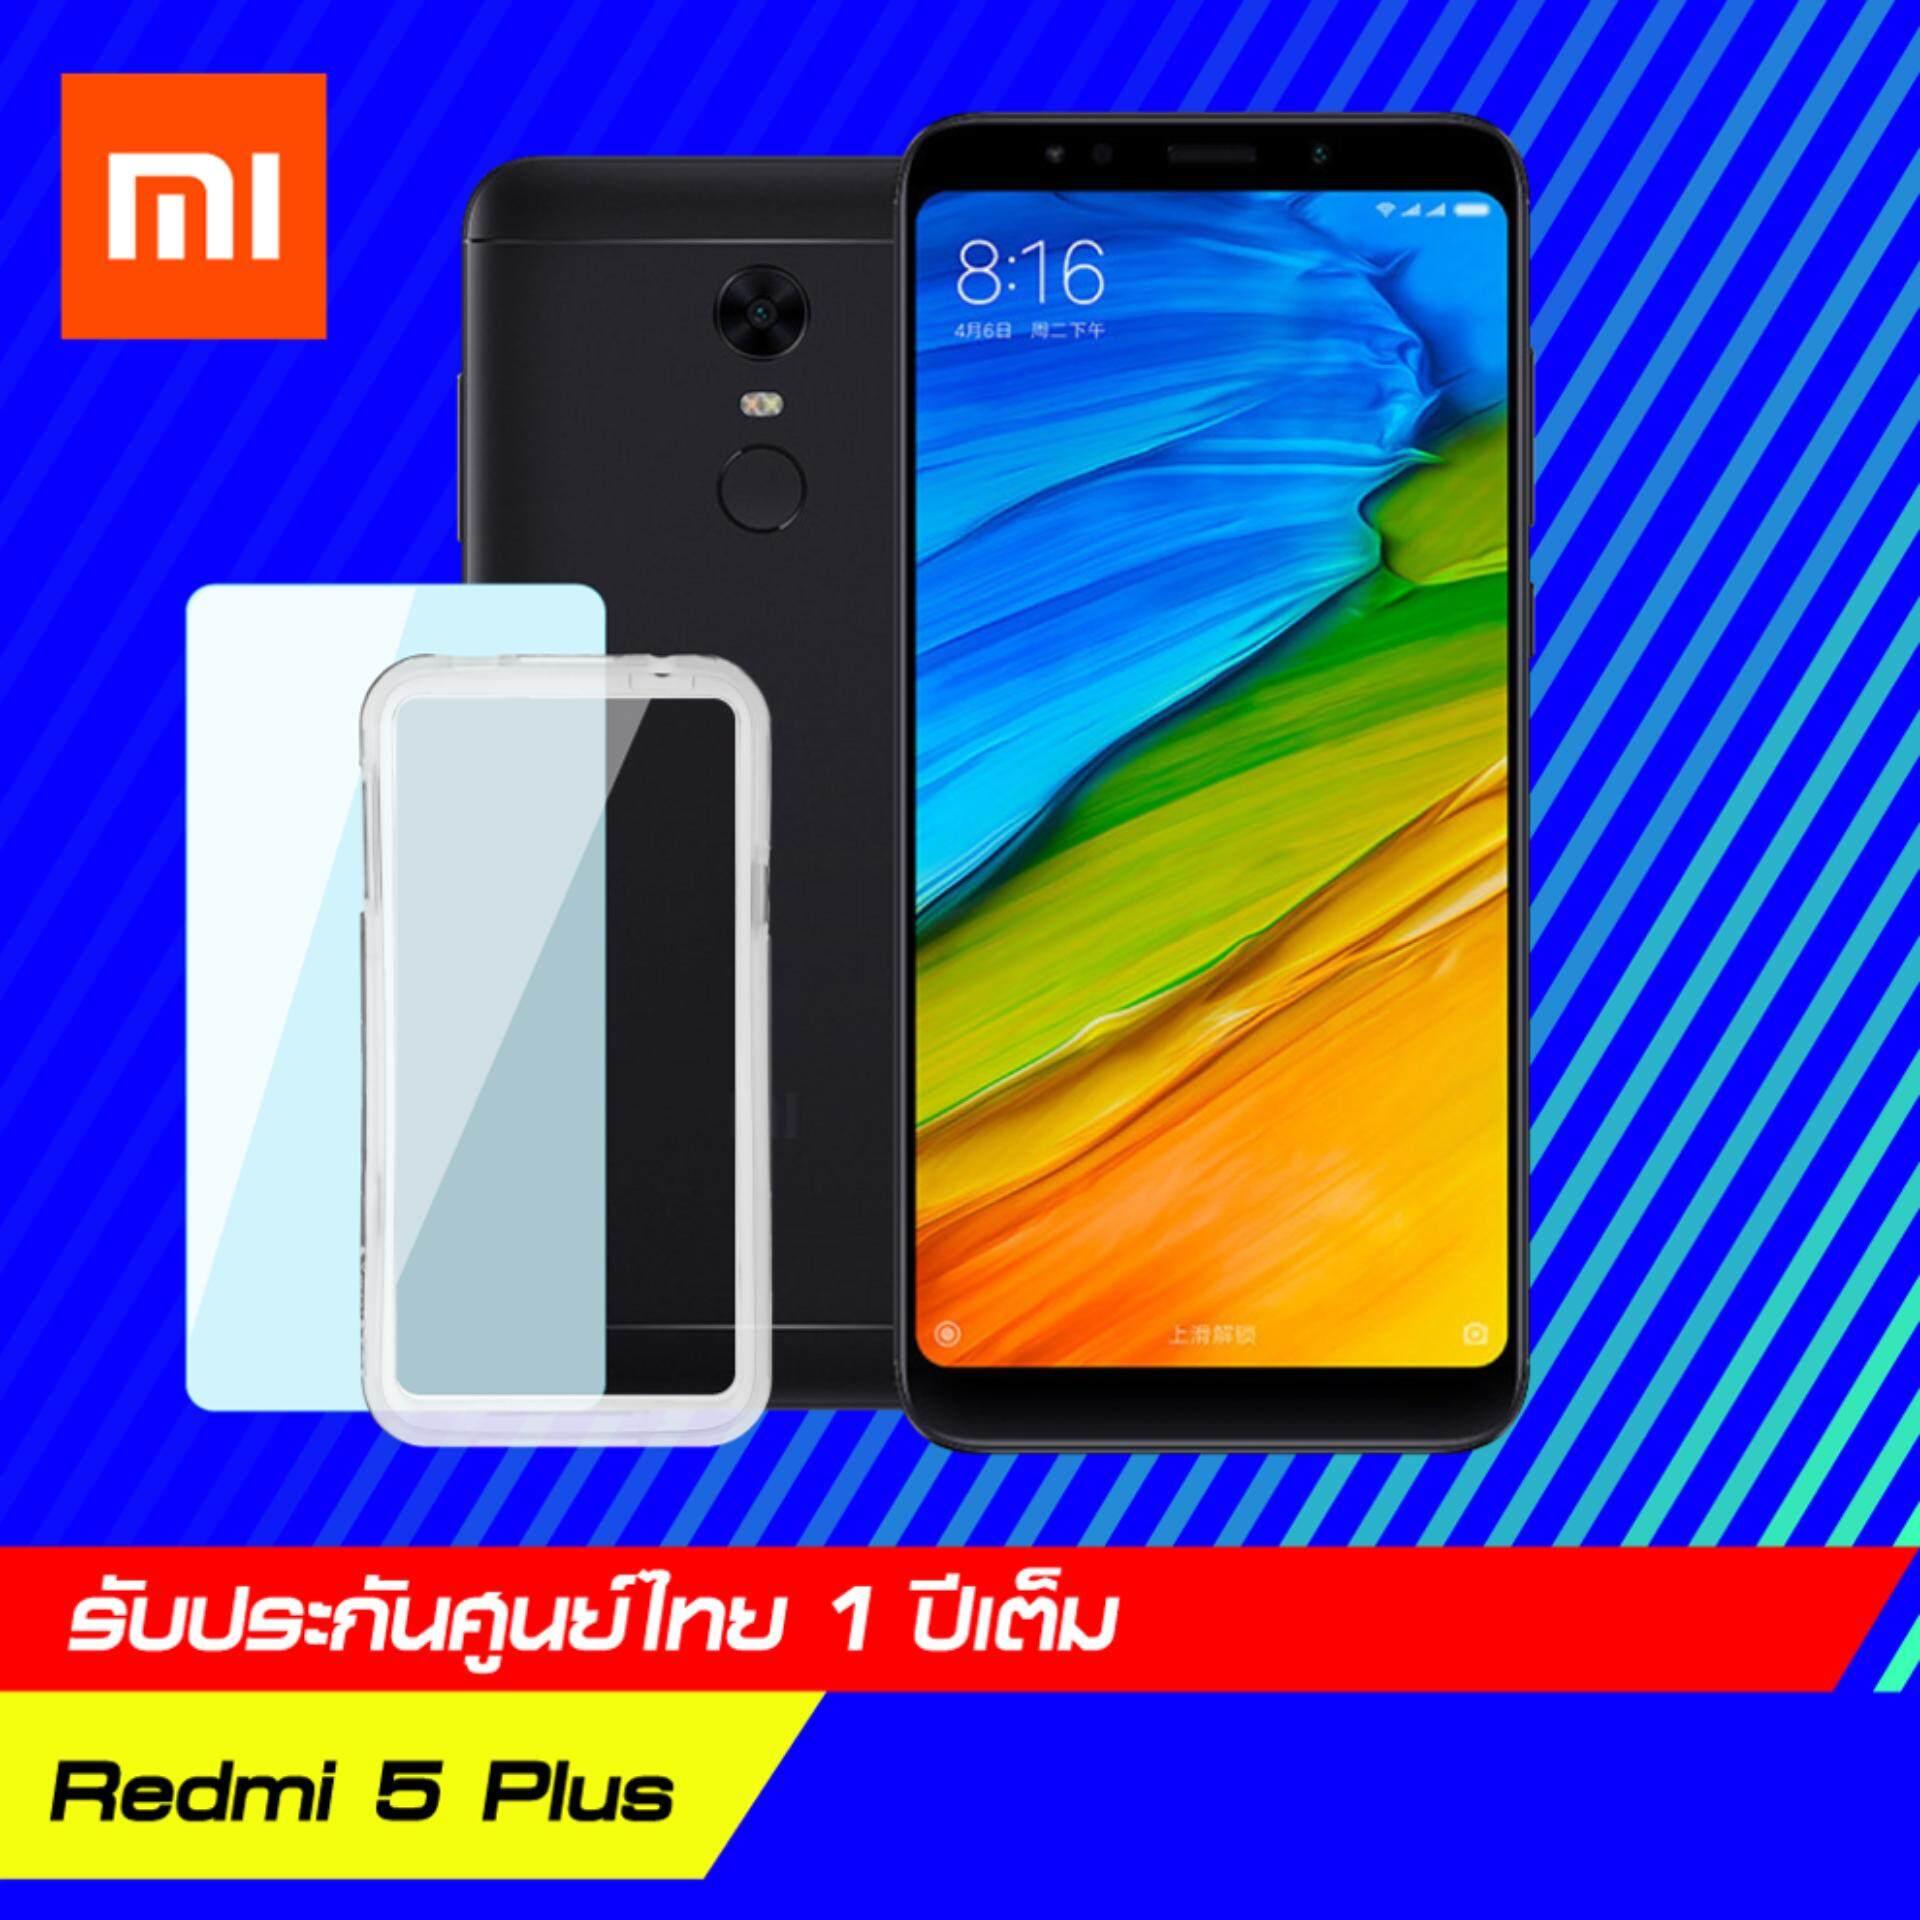 ราคา Xiaomi Redmi 5 Plus 4 64Gb พร้อมเคสกันกระแทก ฟิล์มกันรอย มูลค่า 390 หน้าจอ 5 99 นิ้ว รองรับ 2 ซิม รับประกันศูนย์ไทย 1 ปีเต็ม ใหม่